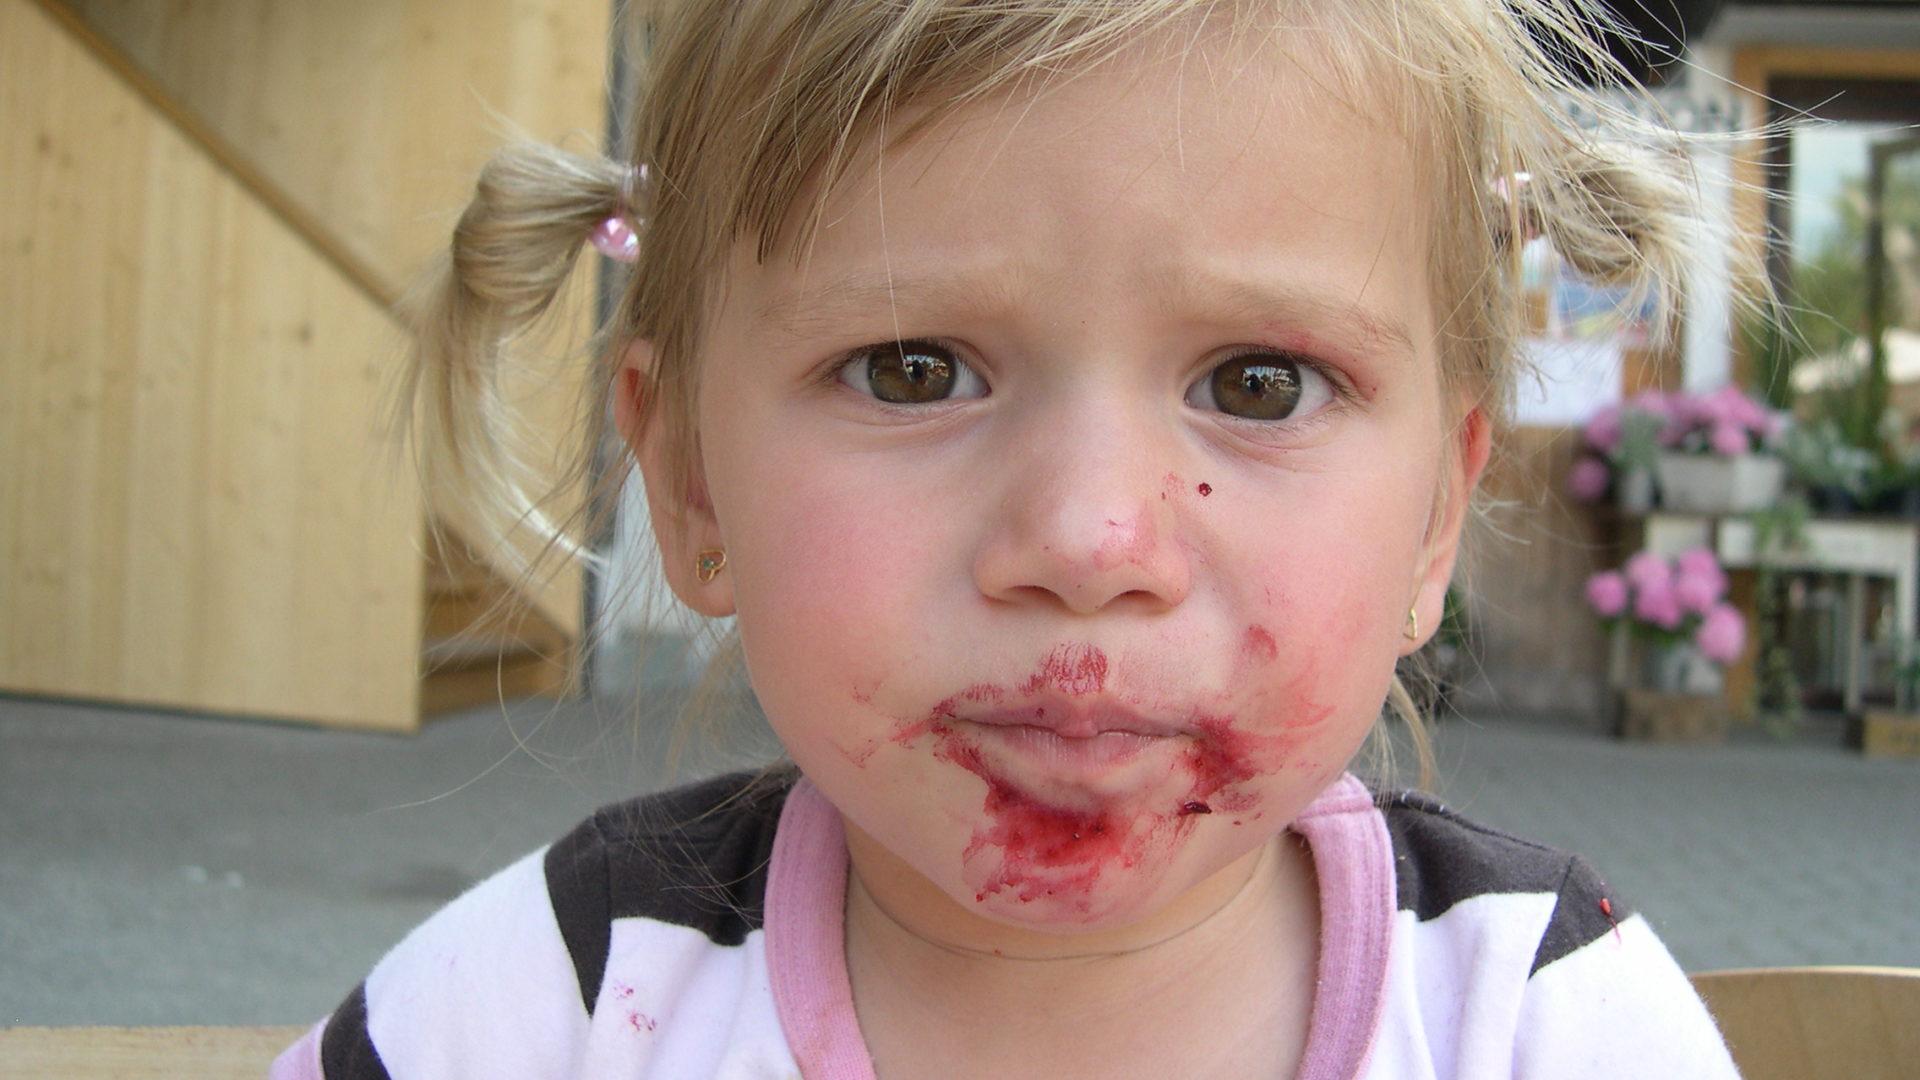 Kind mit Kirschenmund